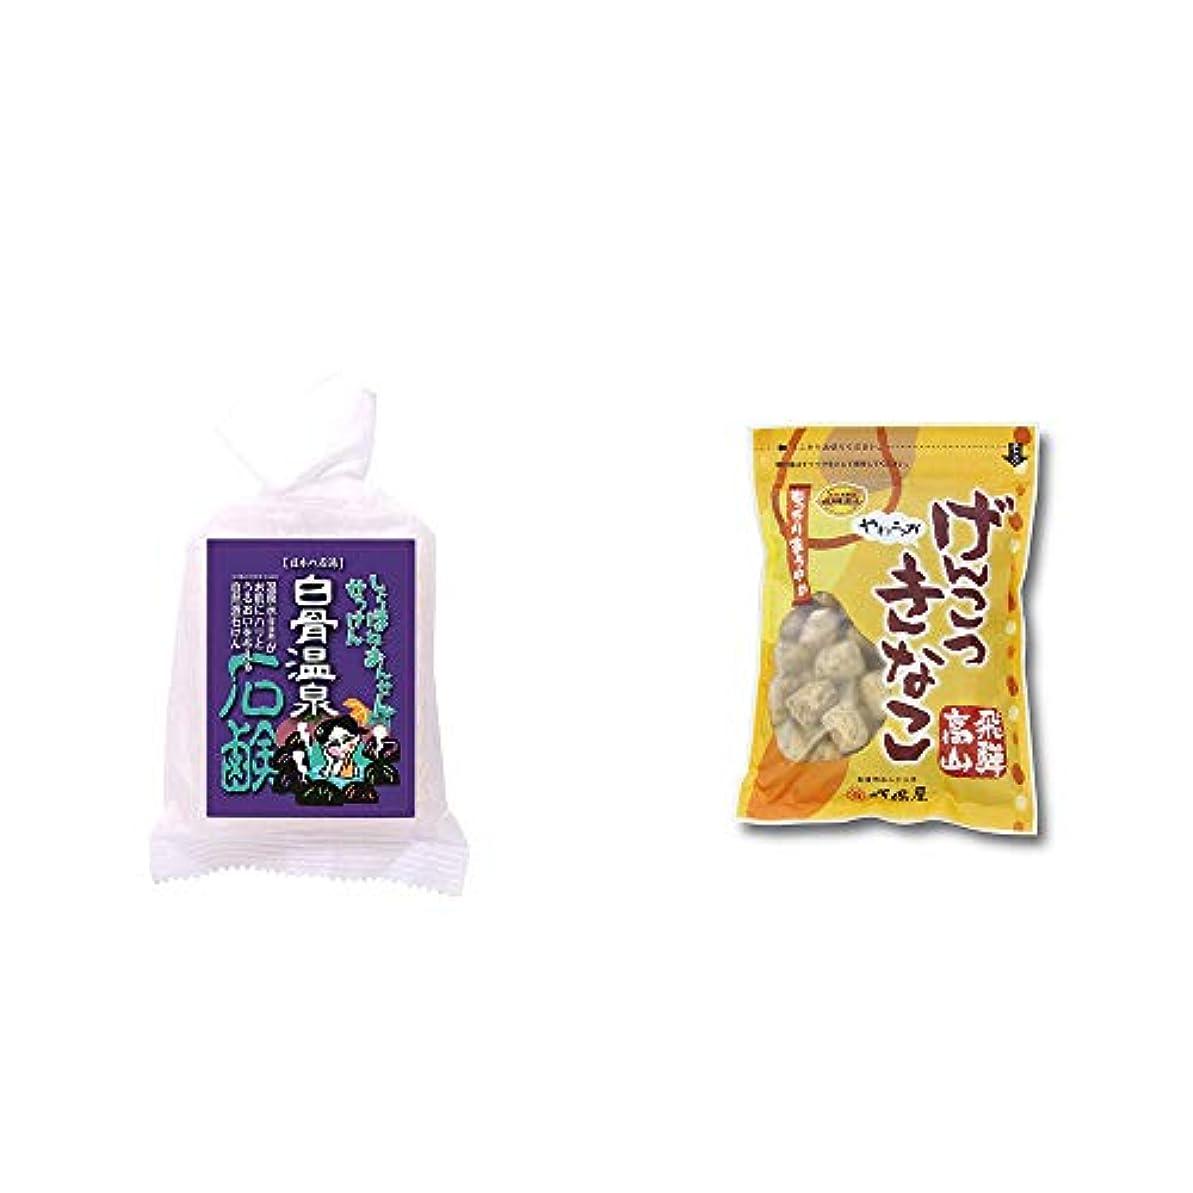 [2点セット] 信州 白骨温泉石鹸(80g)?飛騨 打保屋 駄菓子 黒胡麻こくせん(130g)